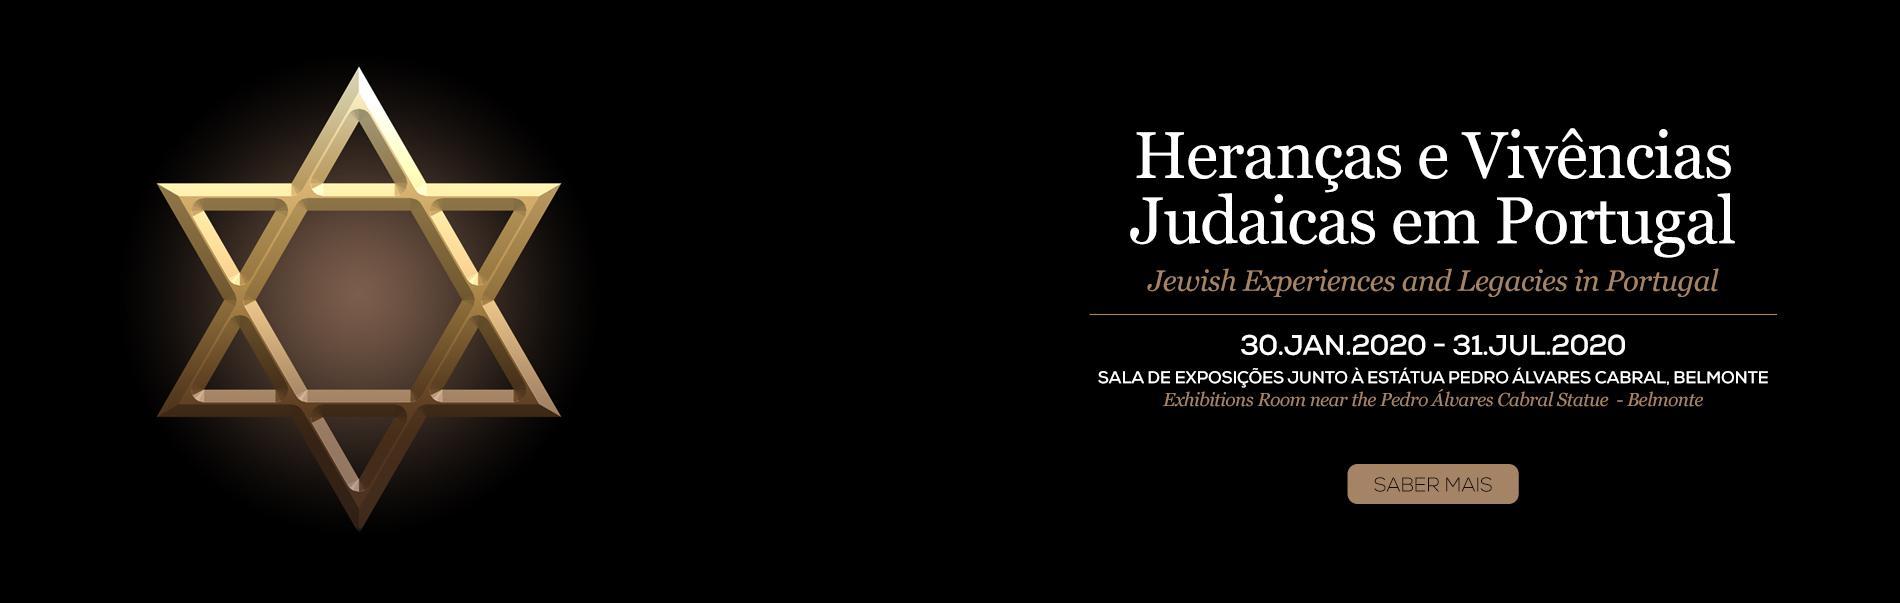 Exposição Heranças e Vivências Judaicas